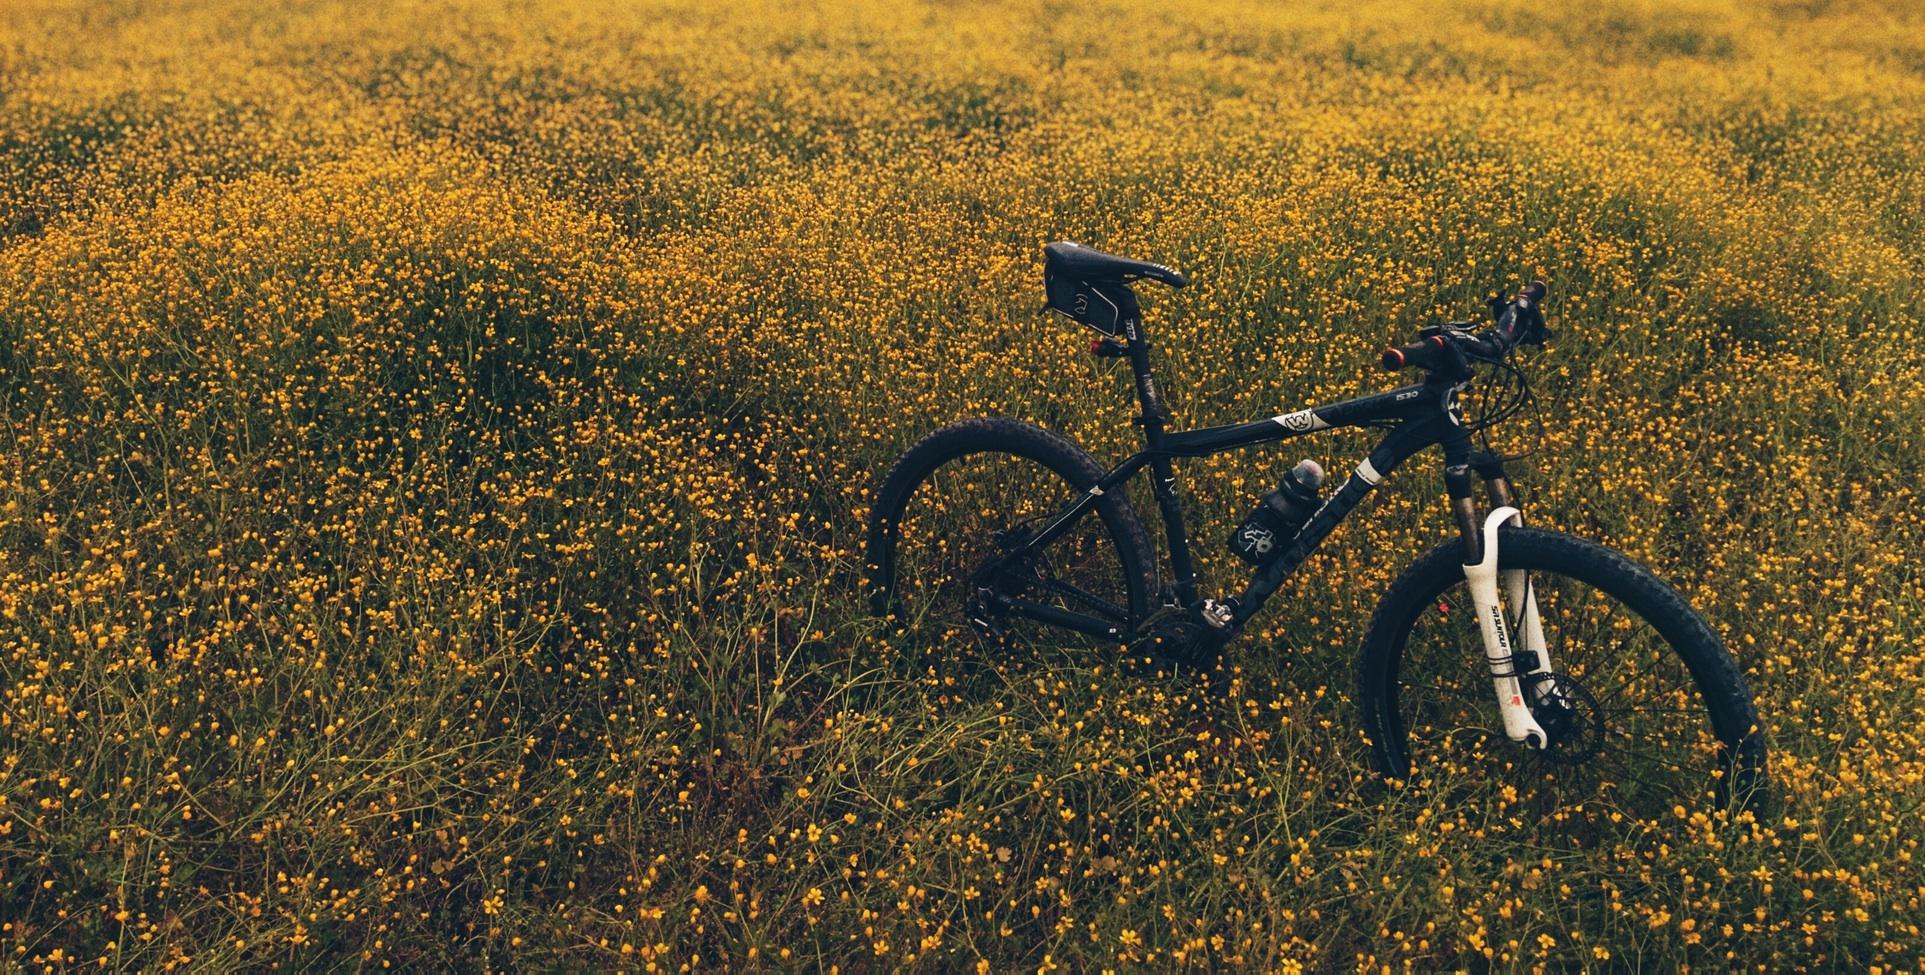 Un VTT bien équipé en sortie dans les champs. Un vélo, un smartphone sur son support et on estéquipé pour unesortie dans les champs en toute sécurité.